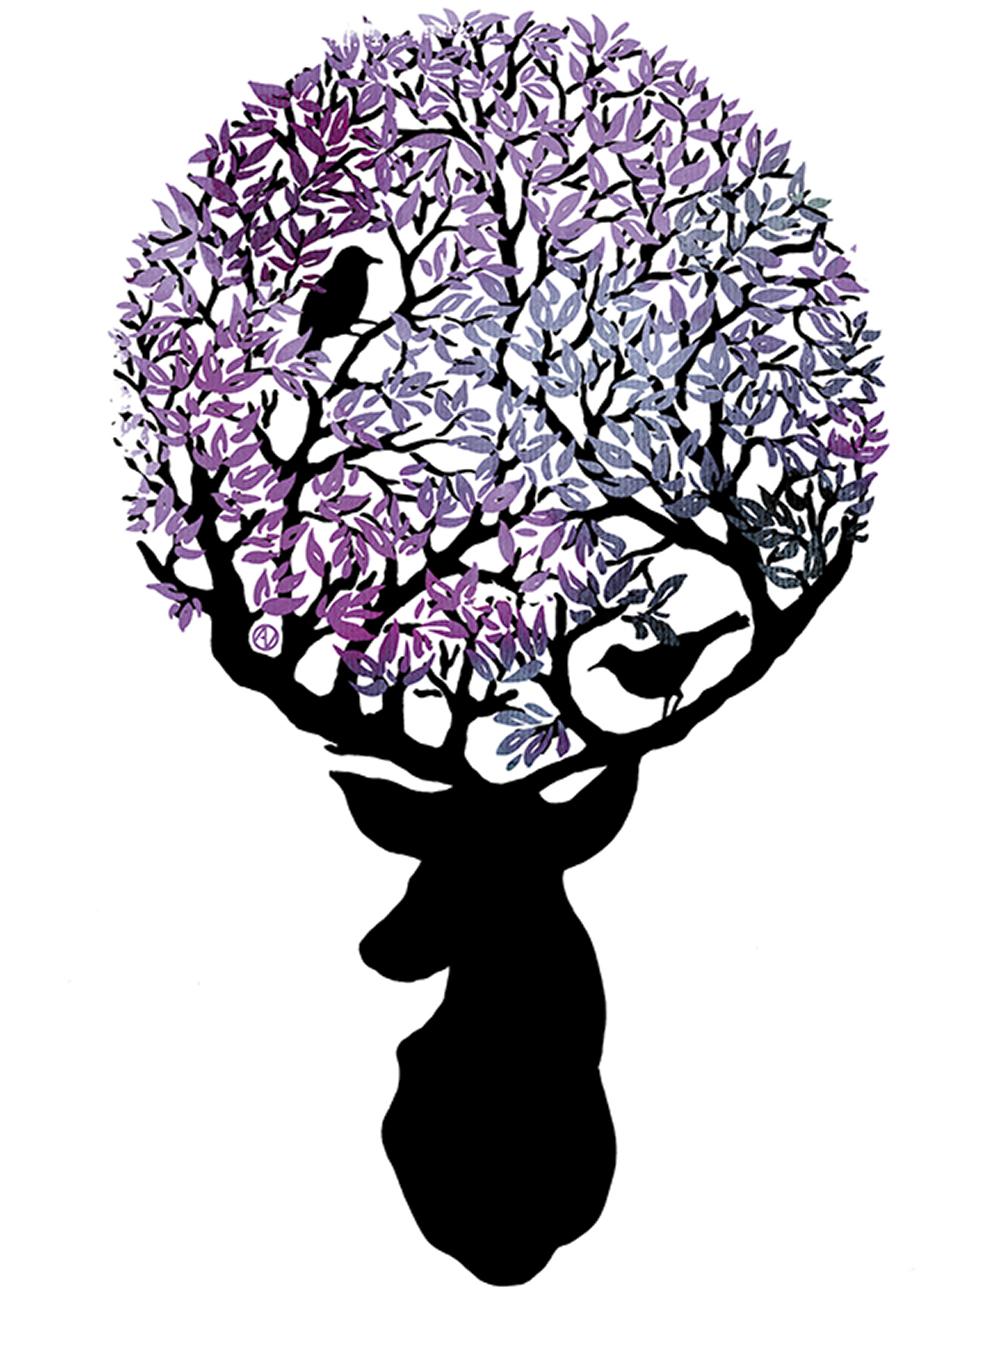 ציפורים בין ענפי עץ המשתרג מקרניו של אייל